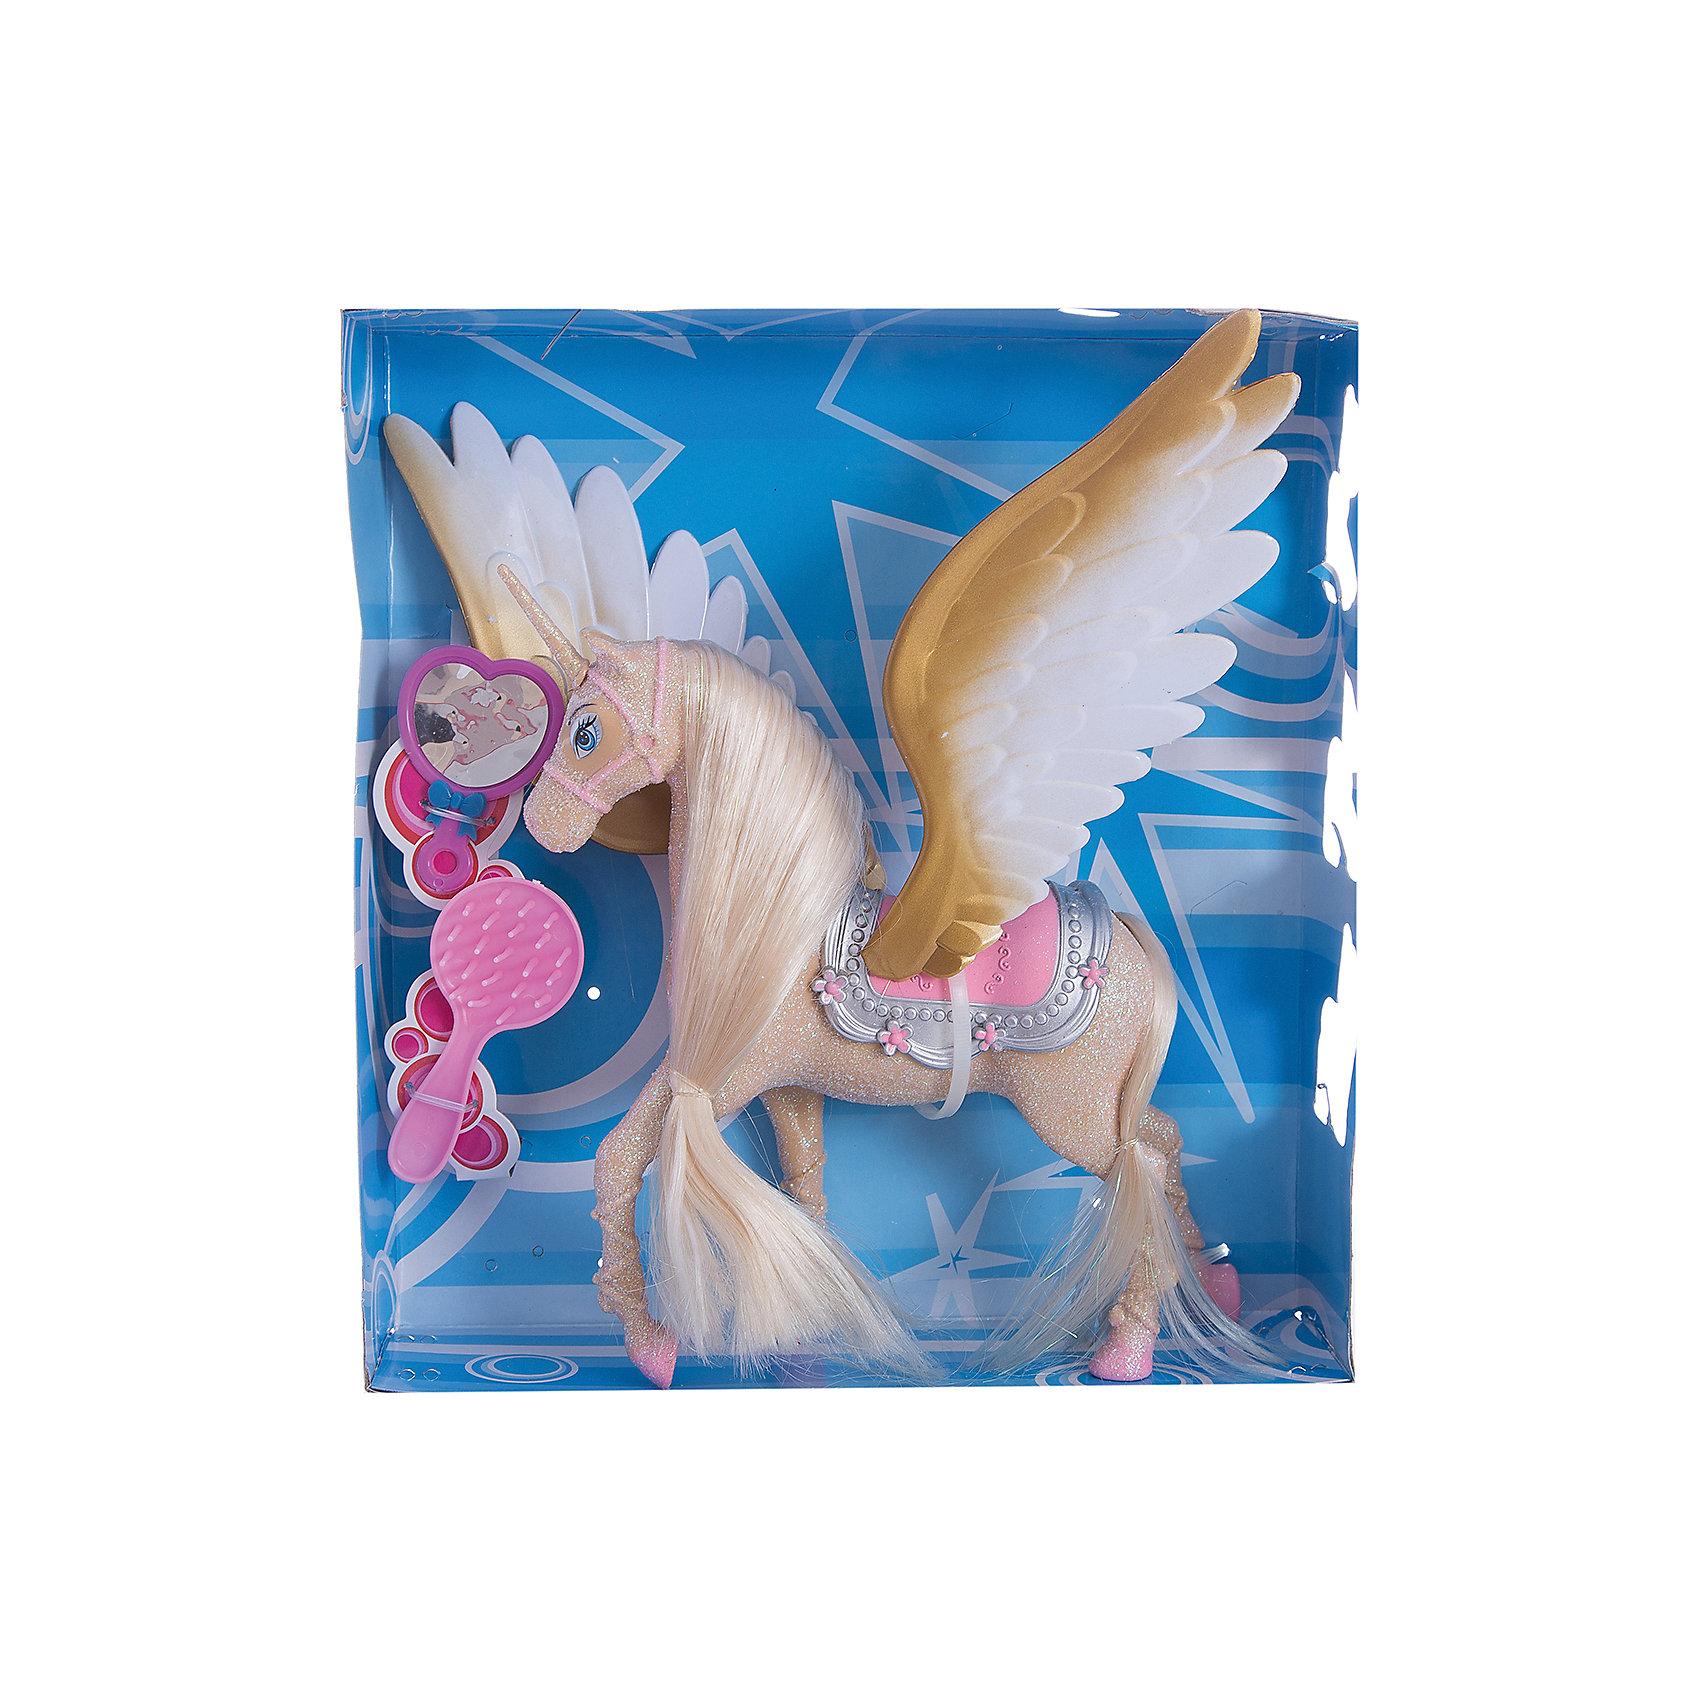 Единорог с крыльями, Shantou GepaiМир животных<br>Единорог с крыльями, Shantou Gepai – это необычная игрушка. Единорог с крыльями, или по-другому называемый «аликорн», по легендам доброе и волшебное существо. Шикарная грива и аксессуары по уходу придут по вкусу ребенку и он захочет играть с этим золотым единорогом снова и снова. В коллекции обычных лошадей и единорогов, крылатый единорог станет самой главной фигурой. Играя с таким набором ребенок развивает моторику ручек и развивает воображение.<br><br>Дополнительная информация:<br><br>- В комплект входит: единорог с крыльями, расческа, зеркальце<br>- Материал: пластик<br>- Размер с упаковкой: 27 * 6 см<br><br>Единорога с крыльями, Shantou Gepai можно купить в нашем интернет-магазине.<br><br>Подробнее:<br>• Для детей в возрасте: от 3 до 9 лет<br>• Номер товара: 4925501<br>Страна производитель: Китай<br><br>Ширина мм: 270<br>Глубина мм: 80<br>Высота мм: 290<br>Вес г: 447<br>Возраст от месяцев: 36<br>Возраст до месяцев: 108<br>Пол: Унисекс<br>Возраст: Детский<br>SKU: 4925501